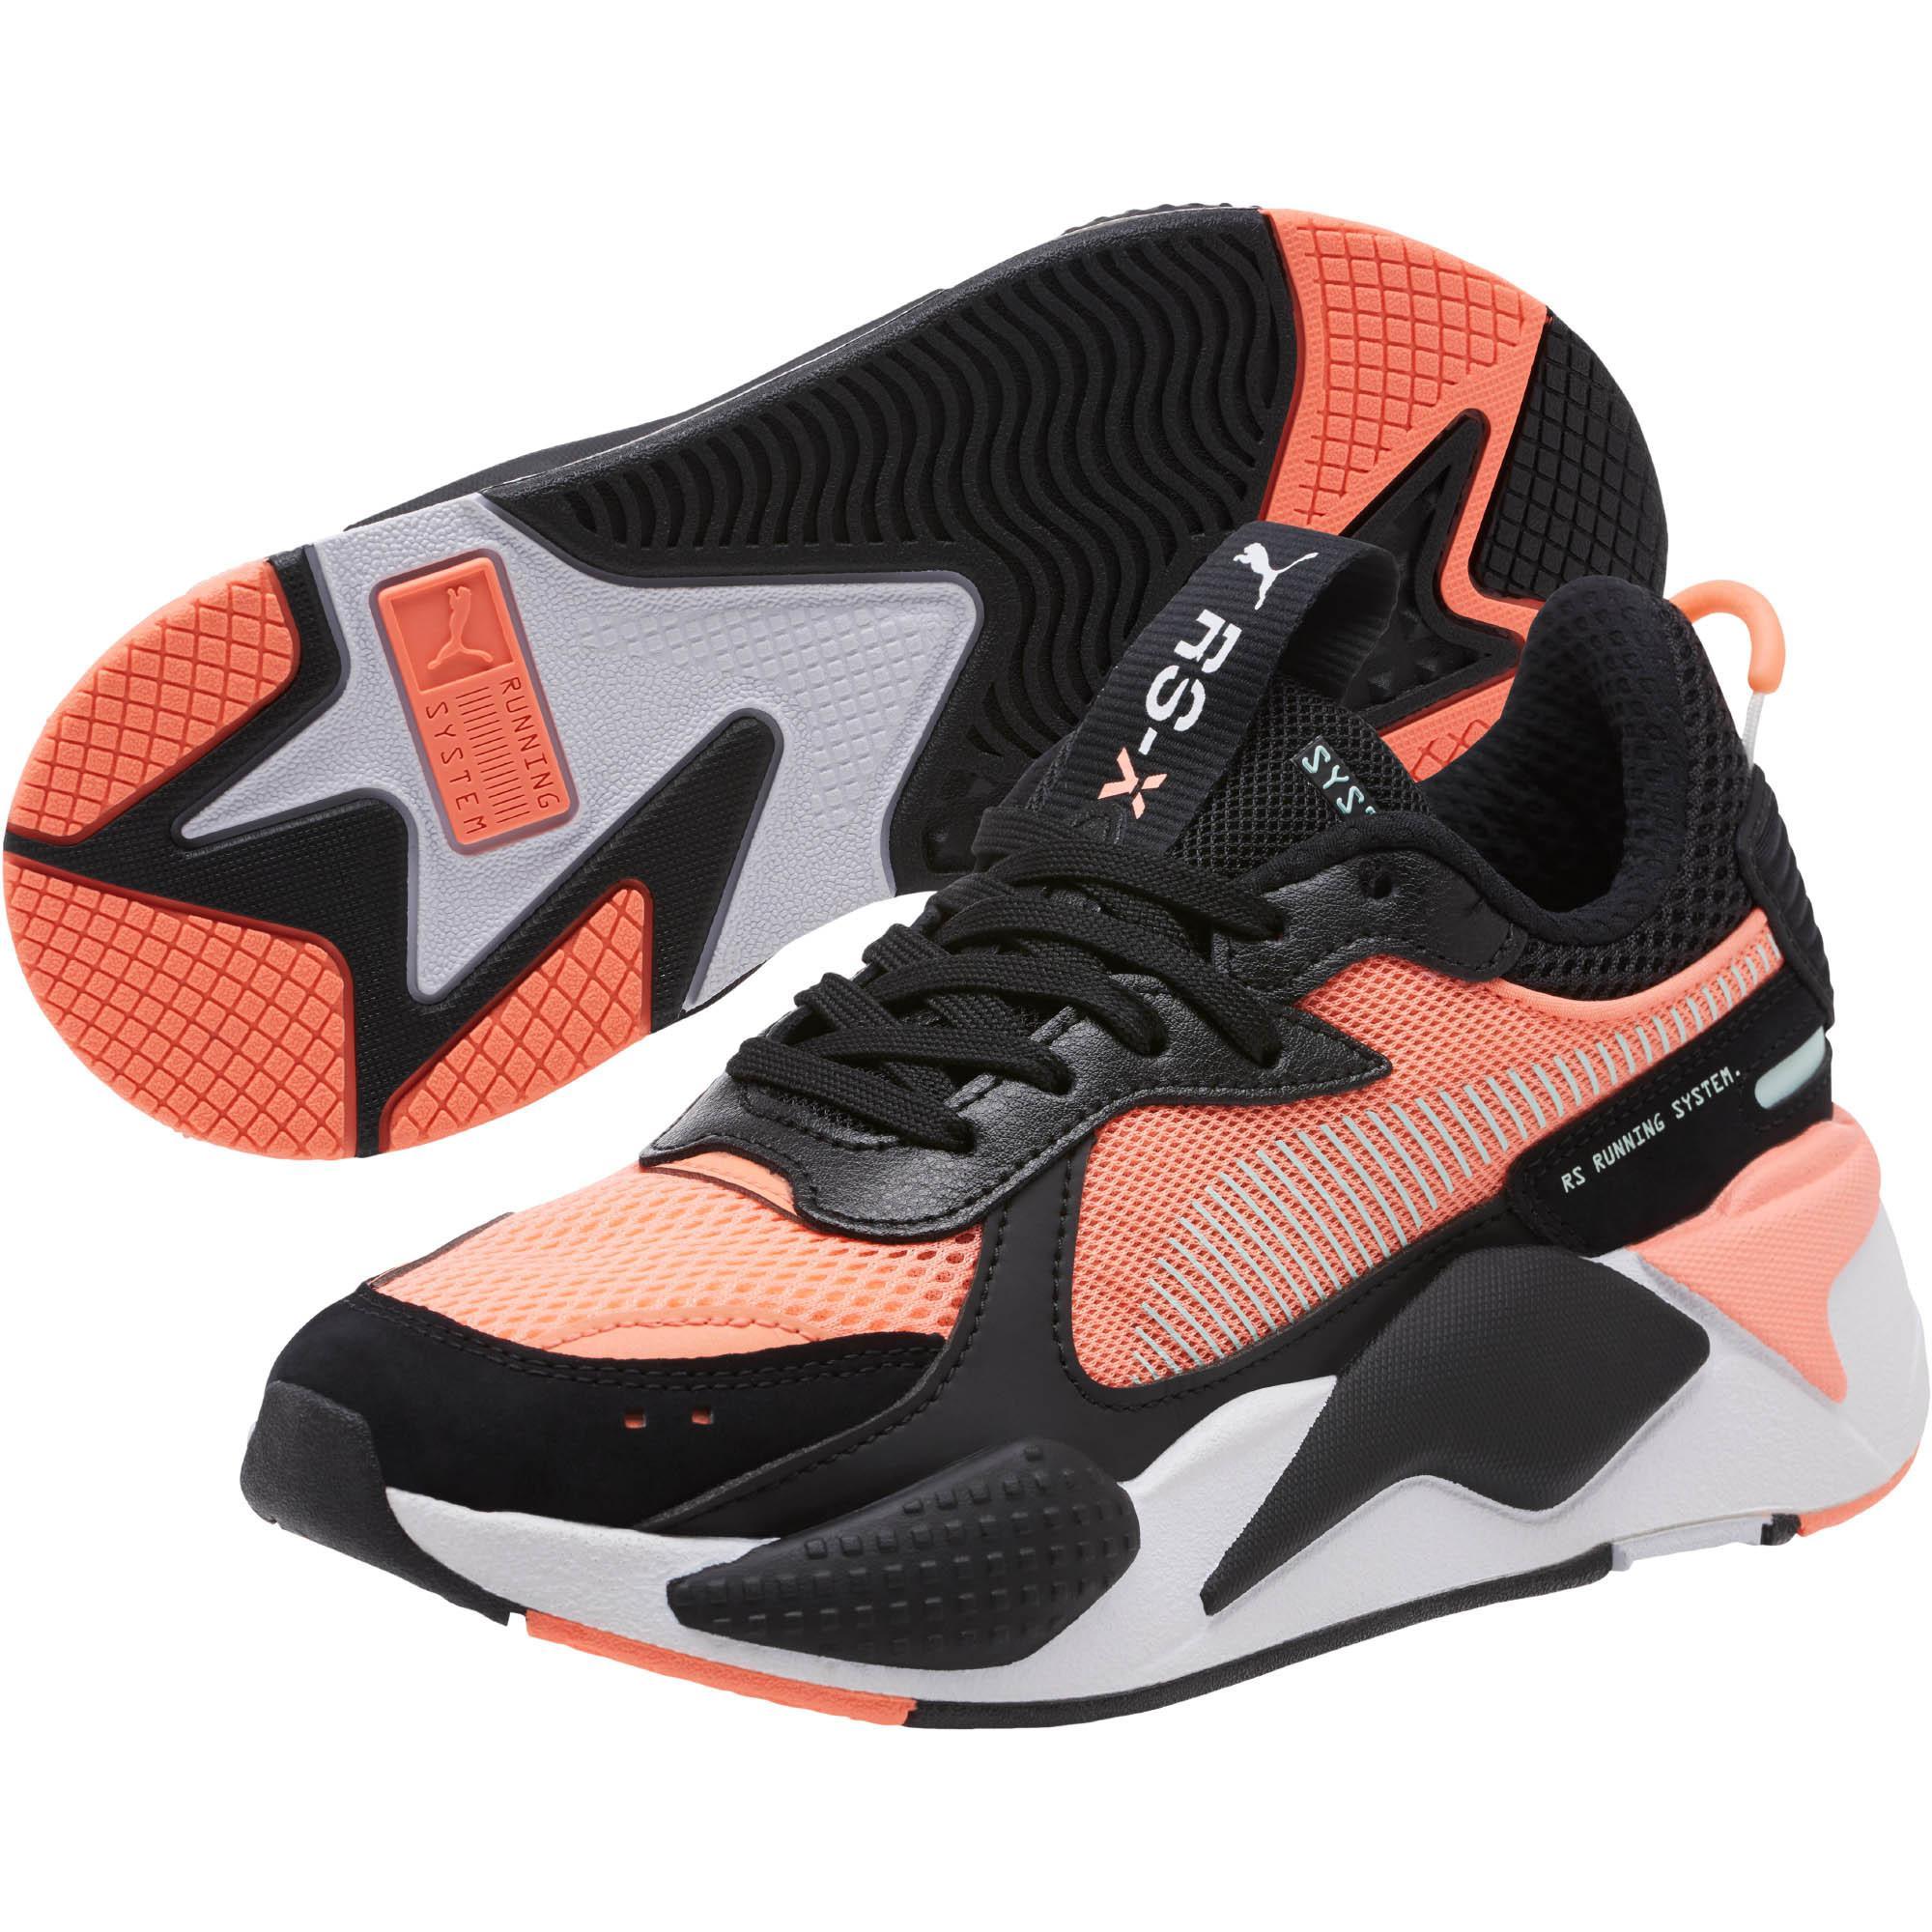 96378973 PUMA Black Rs-x Toys Jnr Sneakers